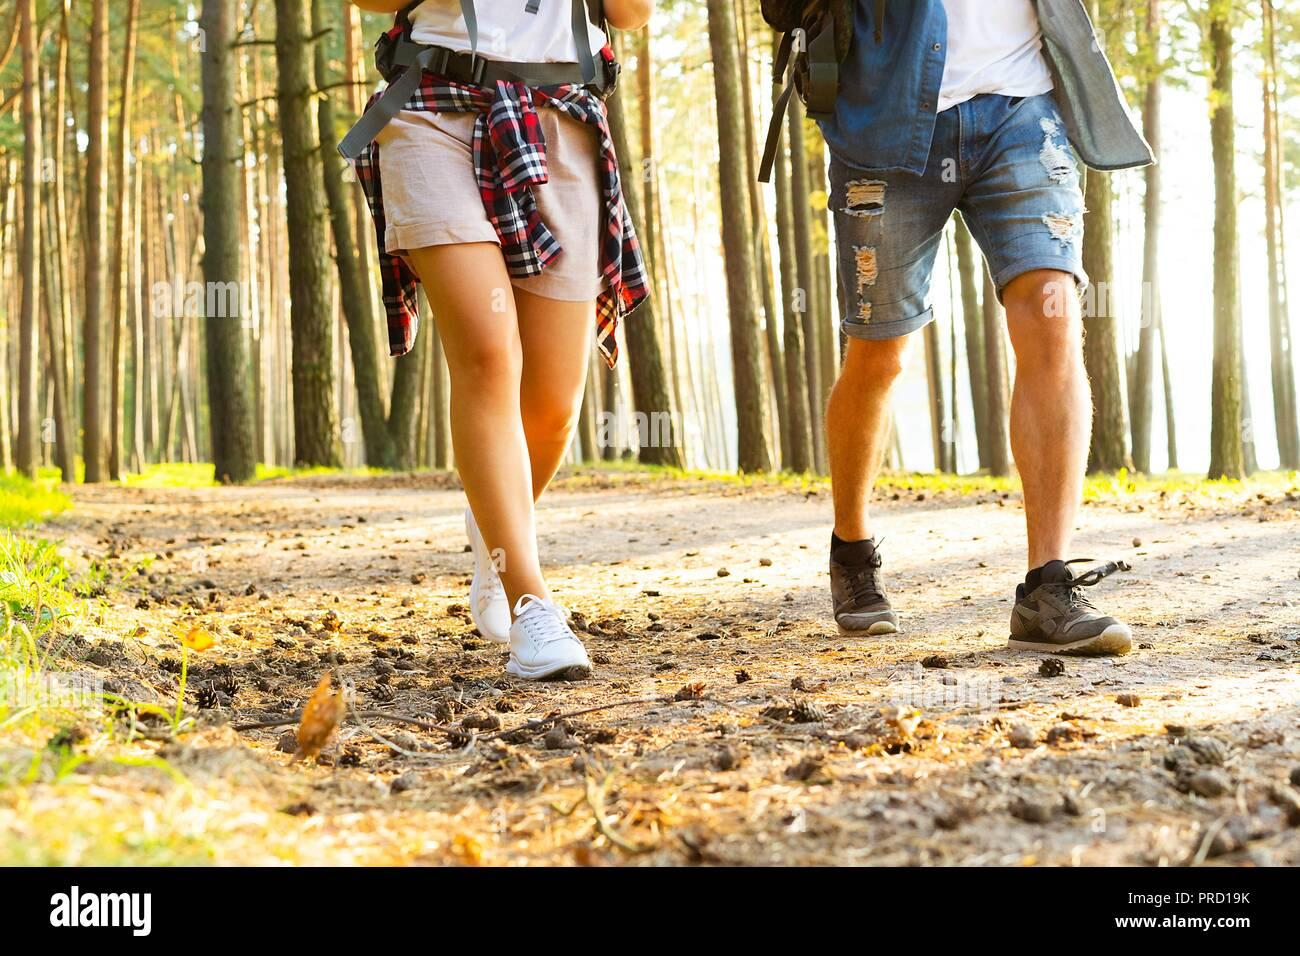 Percorso difficile. Bella coppia Giovane escursionismo insieme nei boschi mentre godendo il loro viaggio. Foto Stock